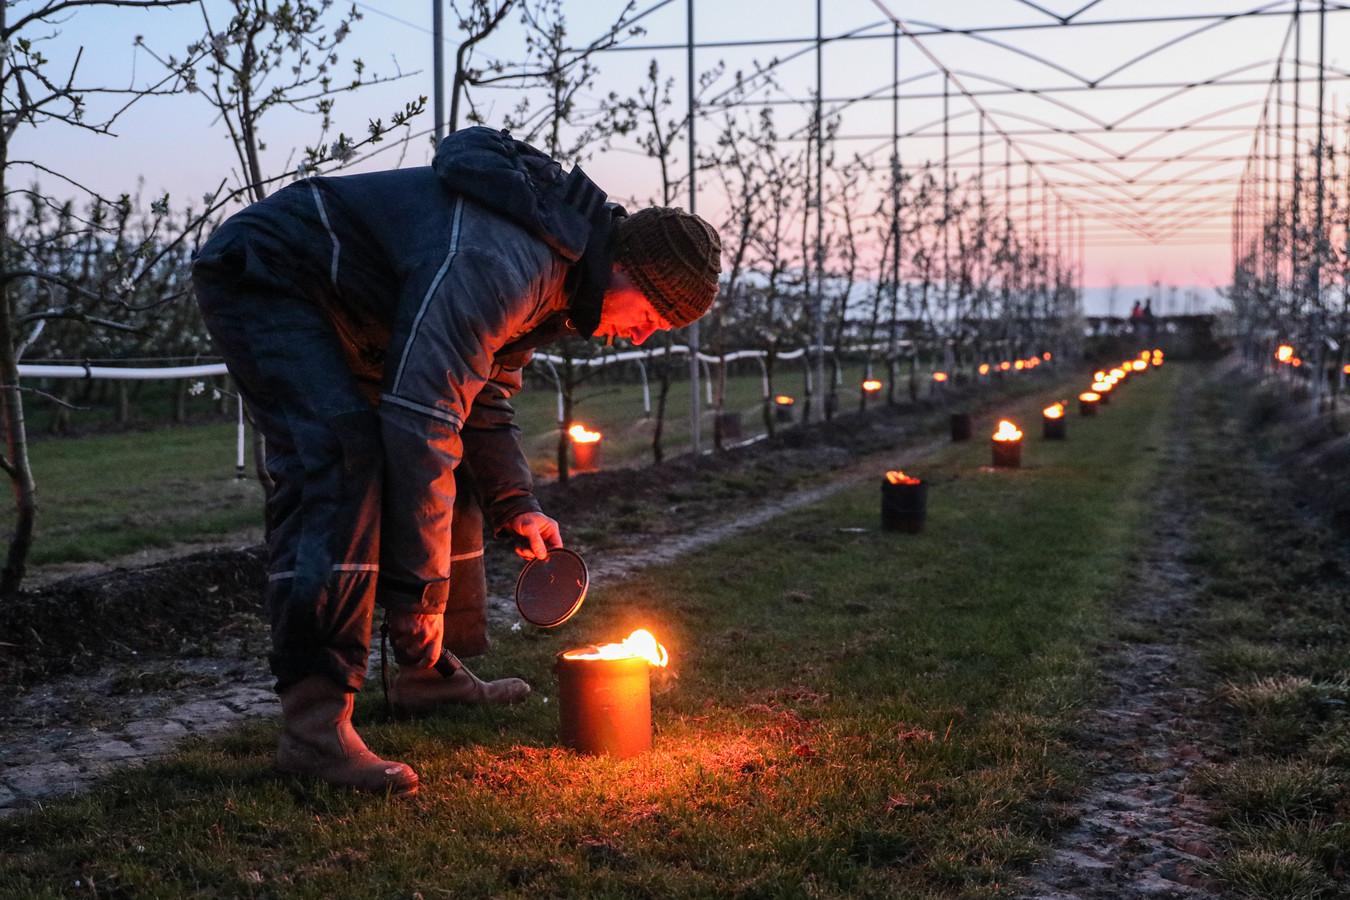 Luttelgeest - Fruittelers in het hele land zitten deze dagen in spanning. De boeren proberen de bloesem van hun gewassen te beschermen, want als de knoppen kapotvriezen, loopt de schade al snel in de tienduizenden euro's.